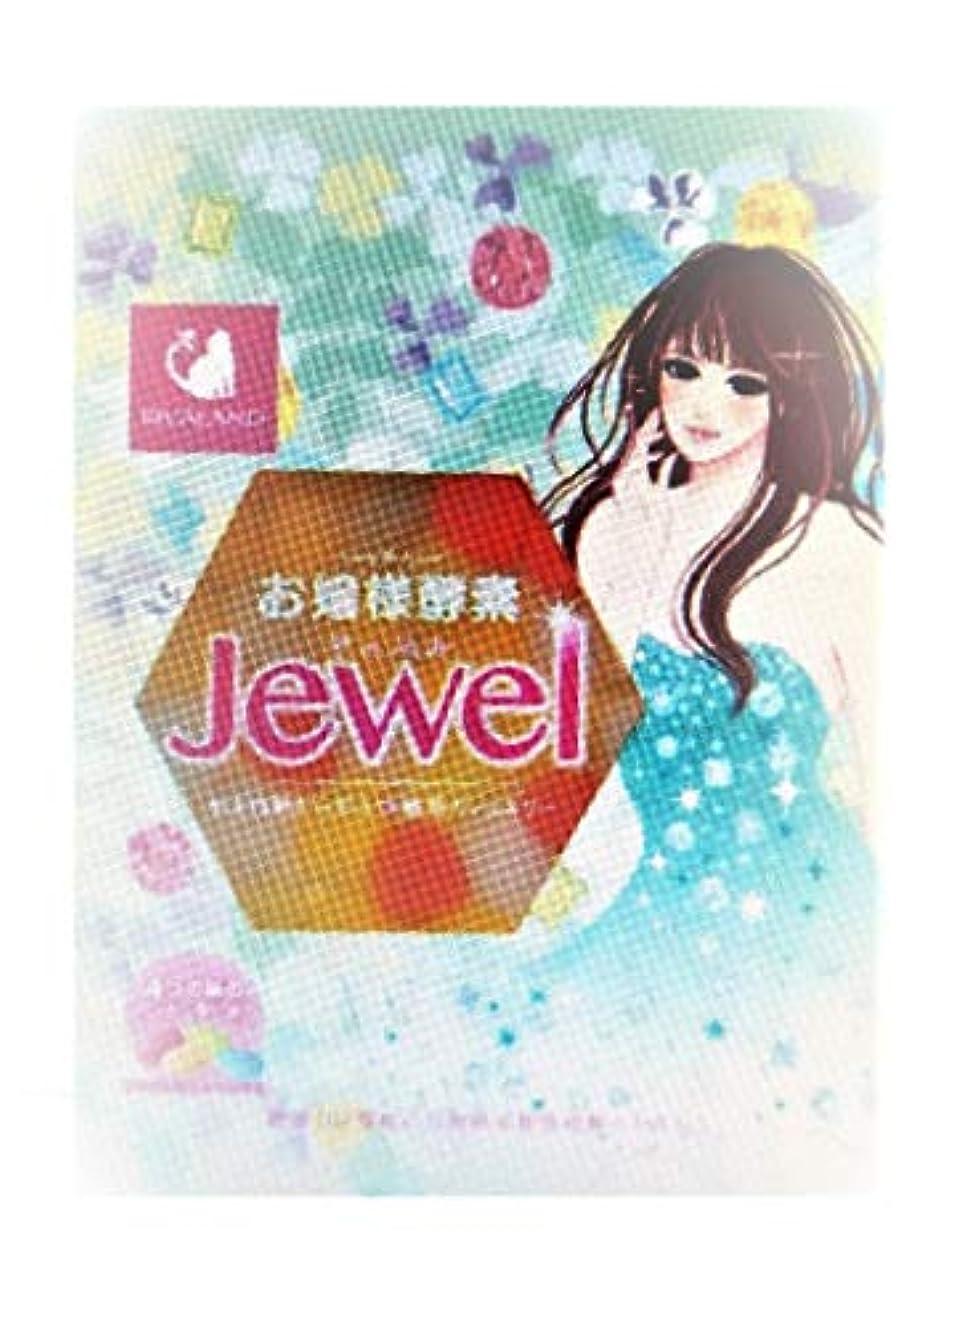 前件ハウジングテレマコスお嬢様酵素Jewel 15食セット